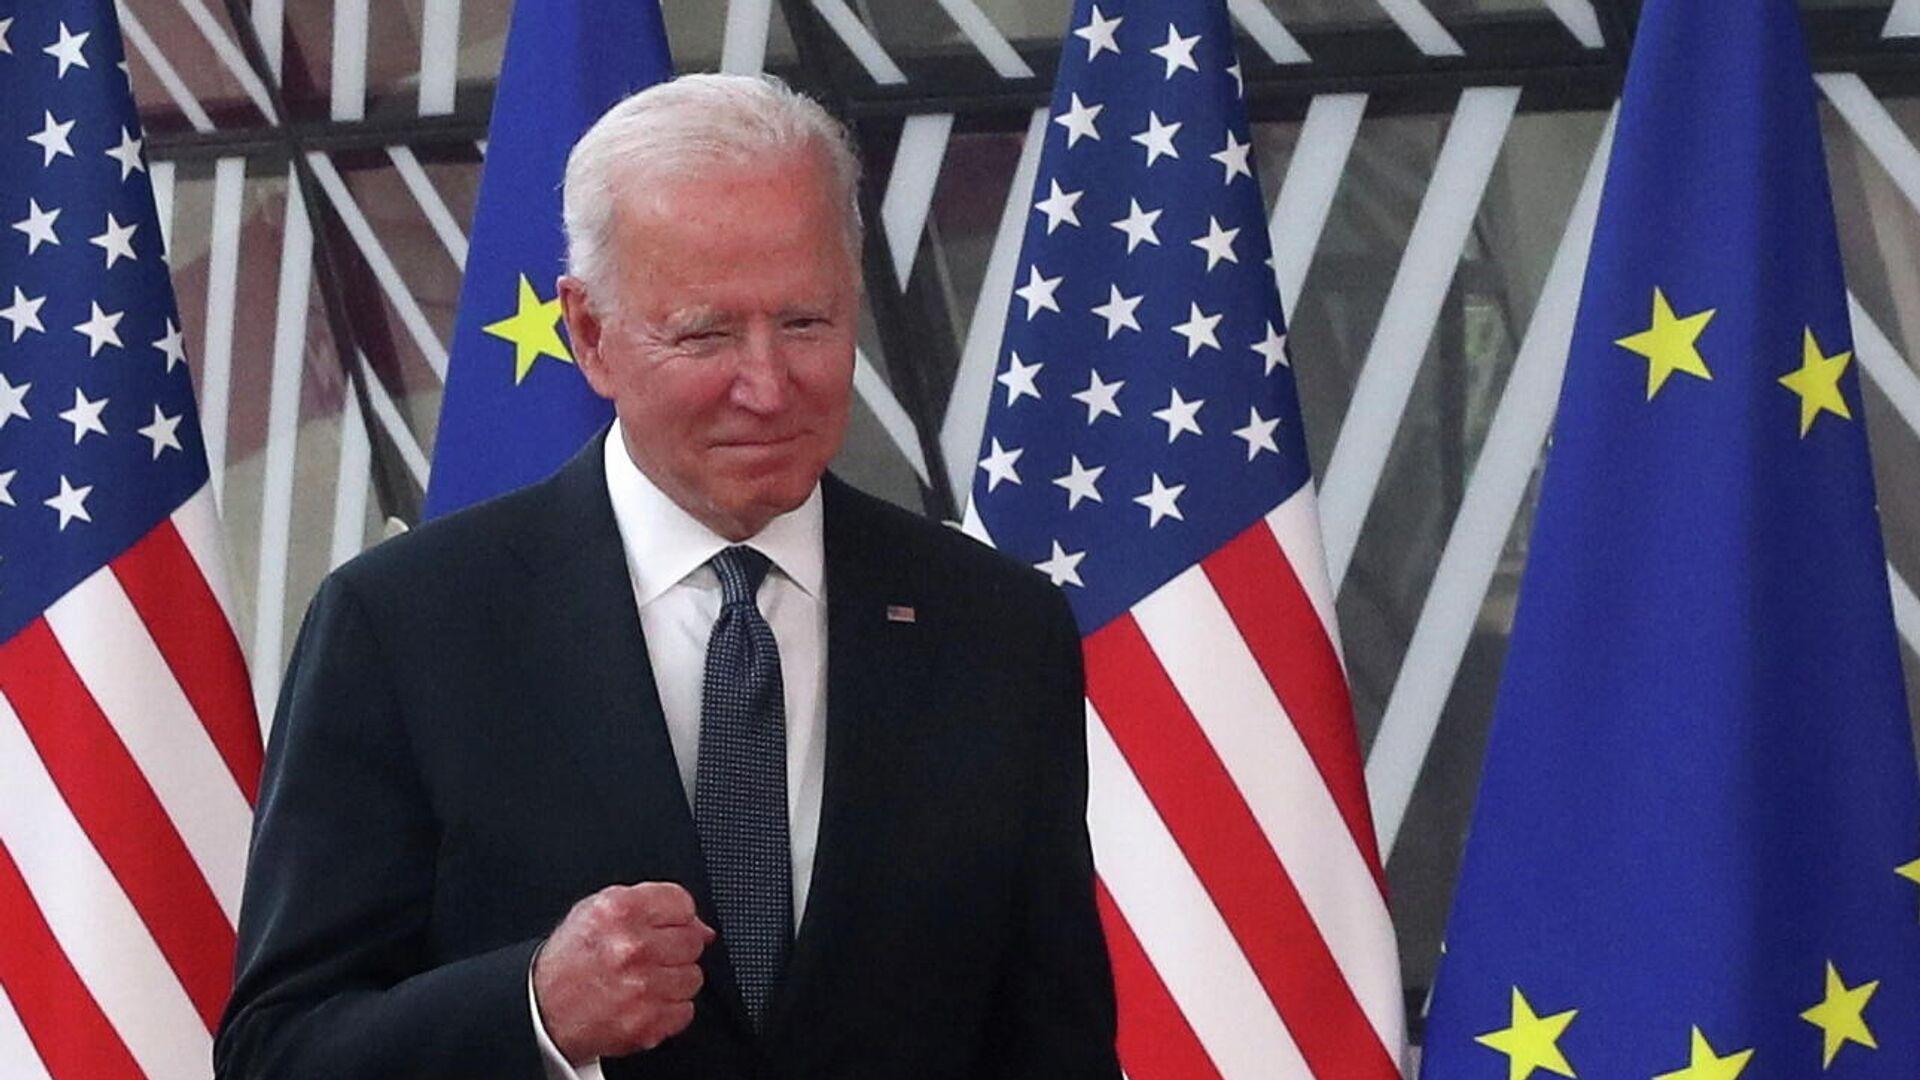 Президент США Джо Байден прибывает на саммит ЕС-США в Брюссель, Бельгия - РИА Новости, 1920, 16.06.2021